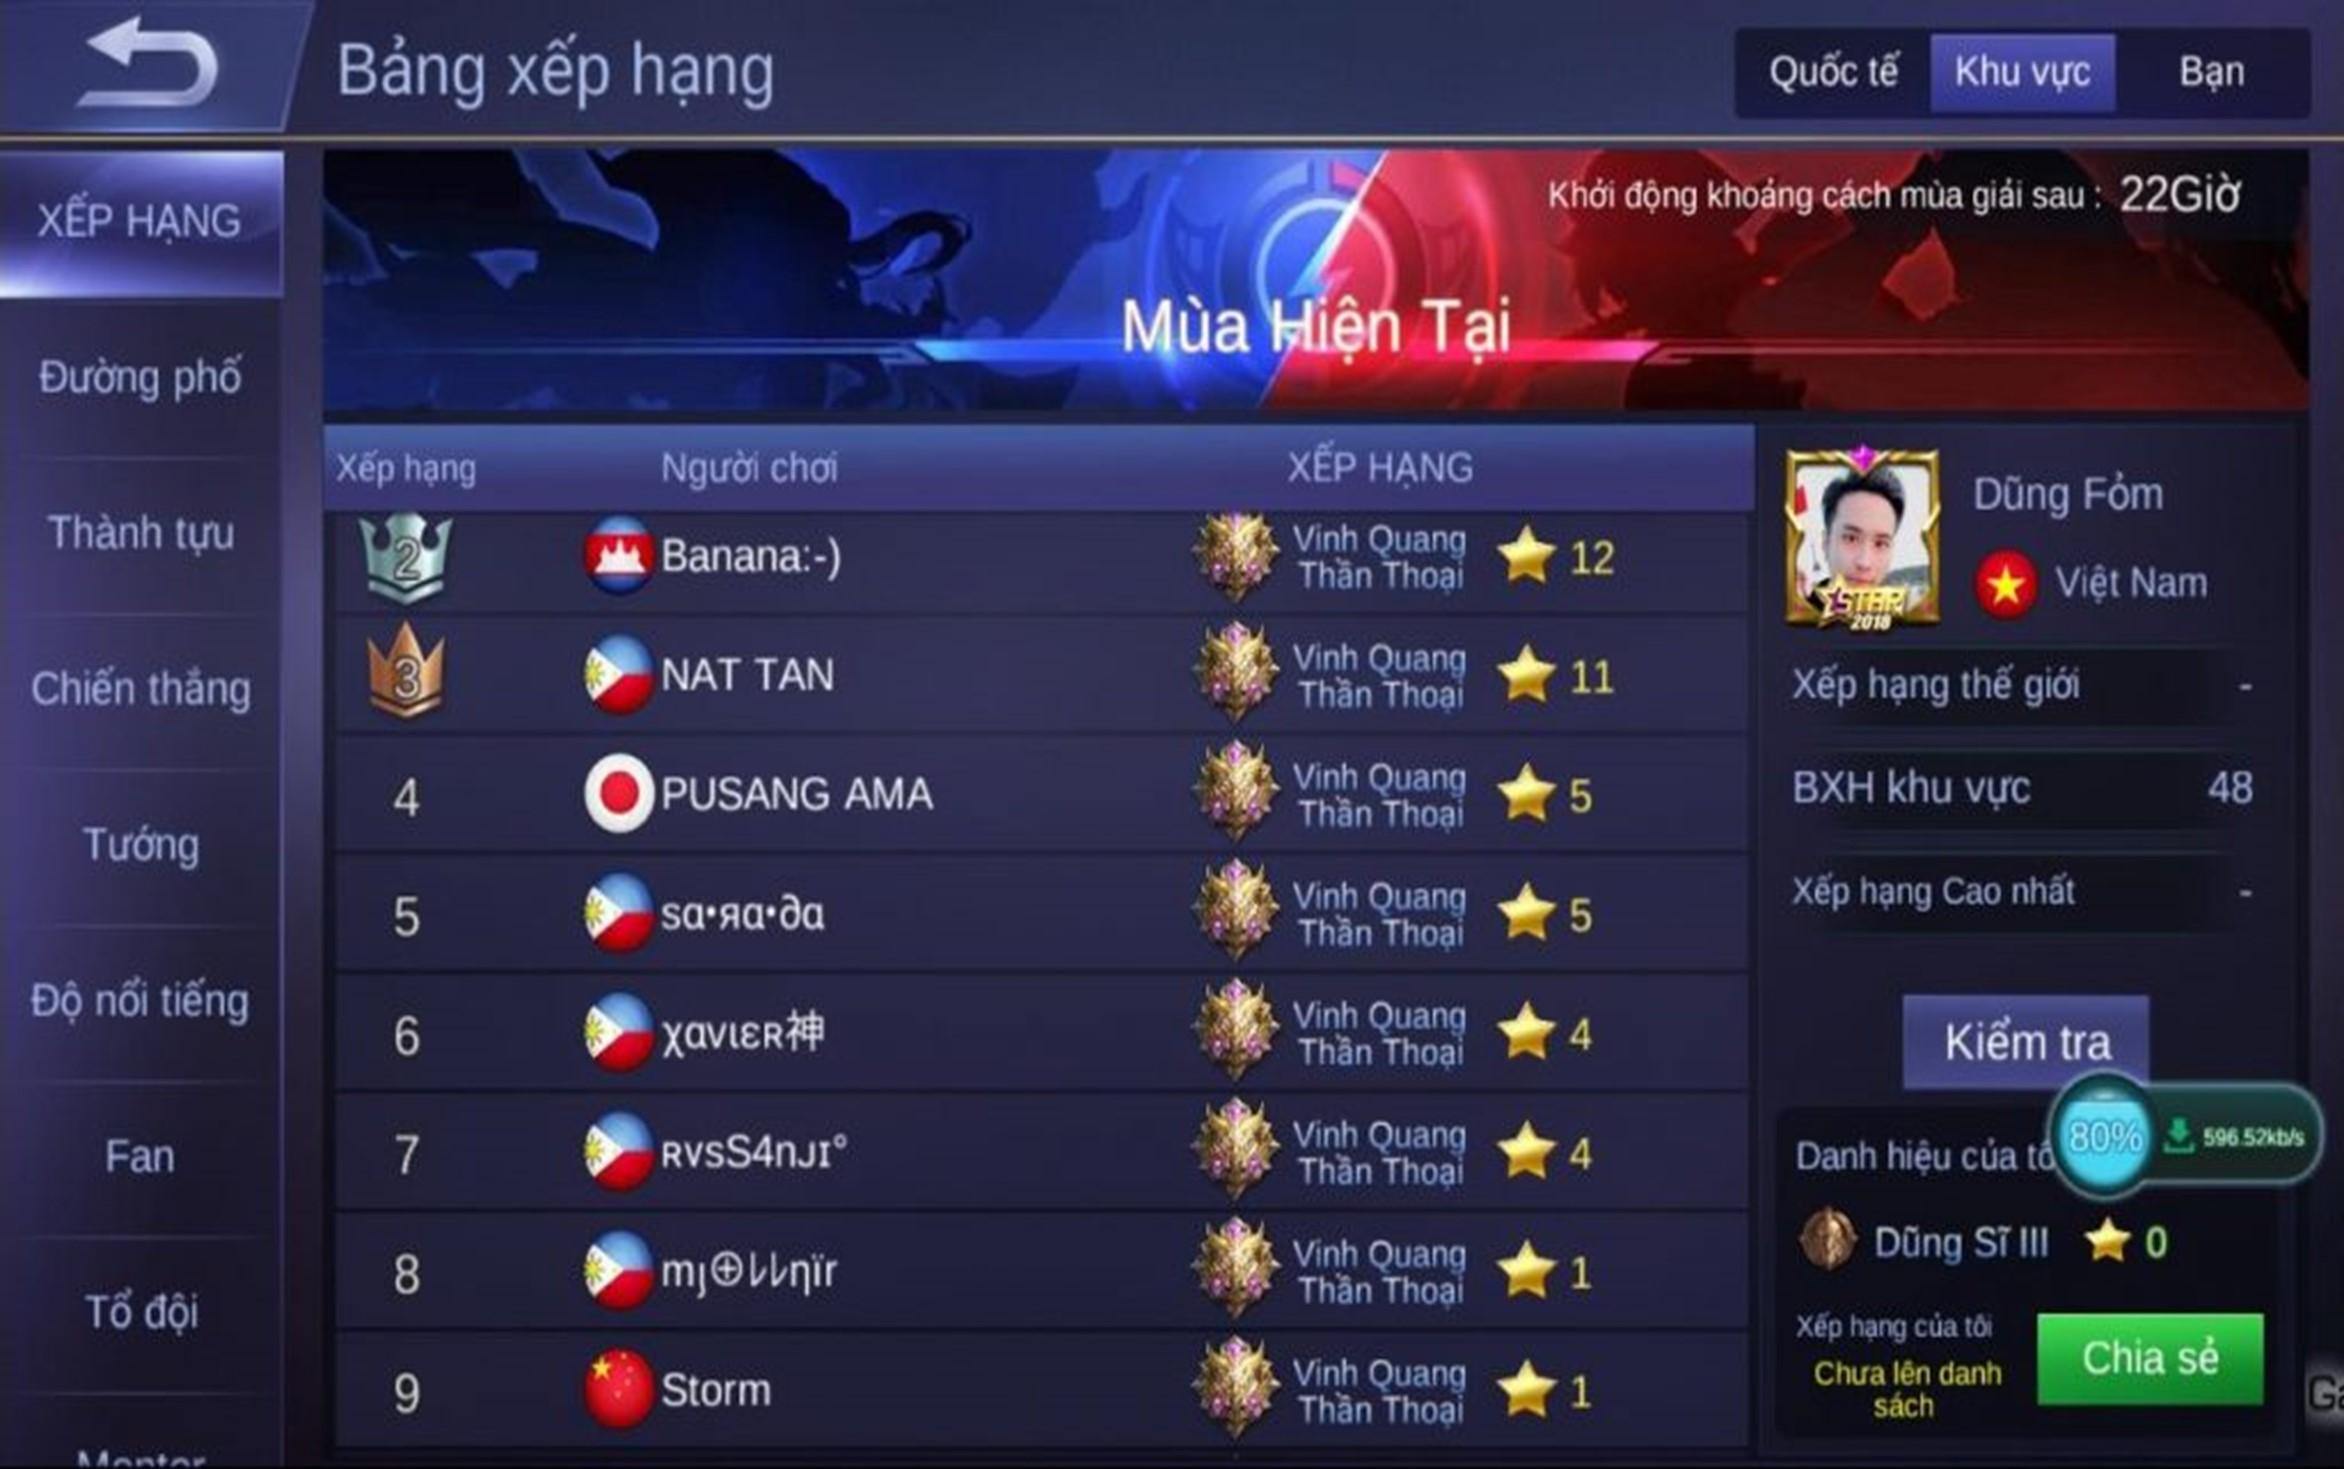 Có nên đưa bảng xếp hạng game thủ vào bộ môn AoE hay không?